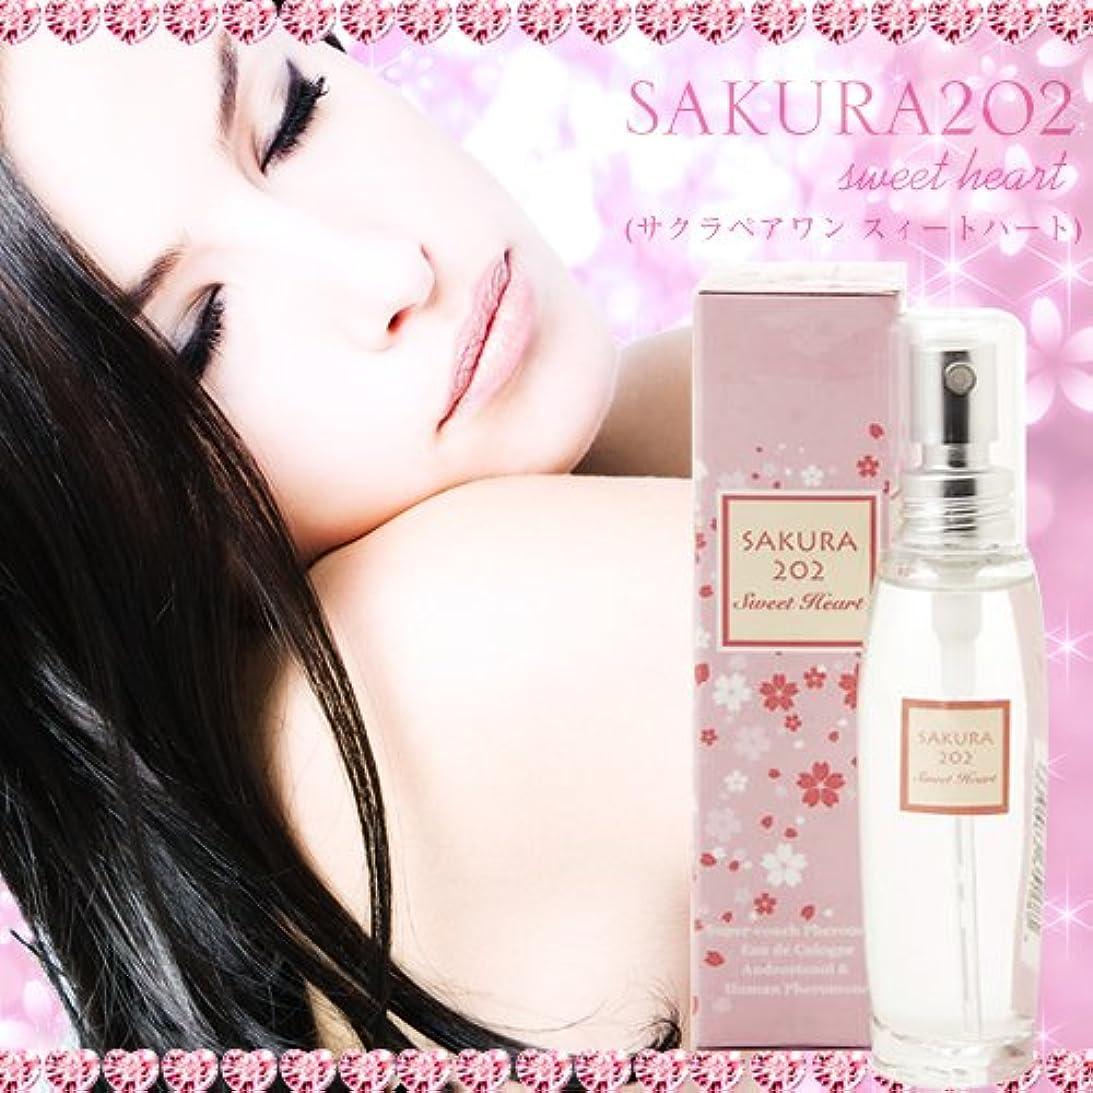 流出滅多征服者女性用フェロモン香水【サクラ202 スウィートハート 】